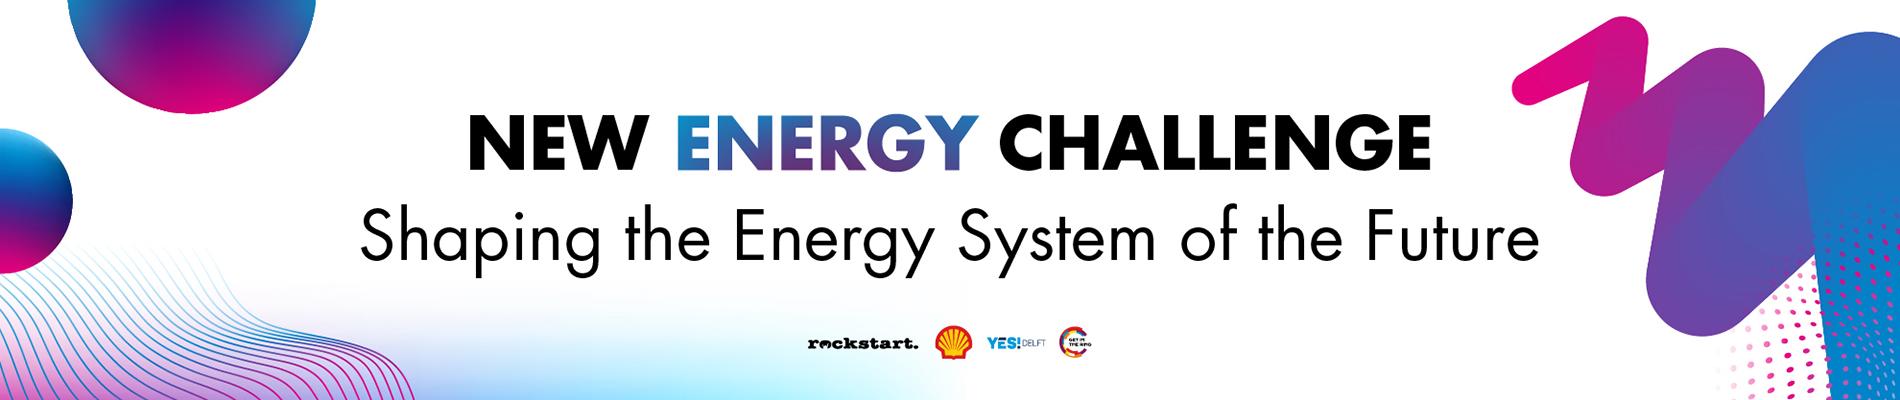 New Energy Challenge Finals Broadcast